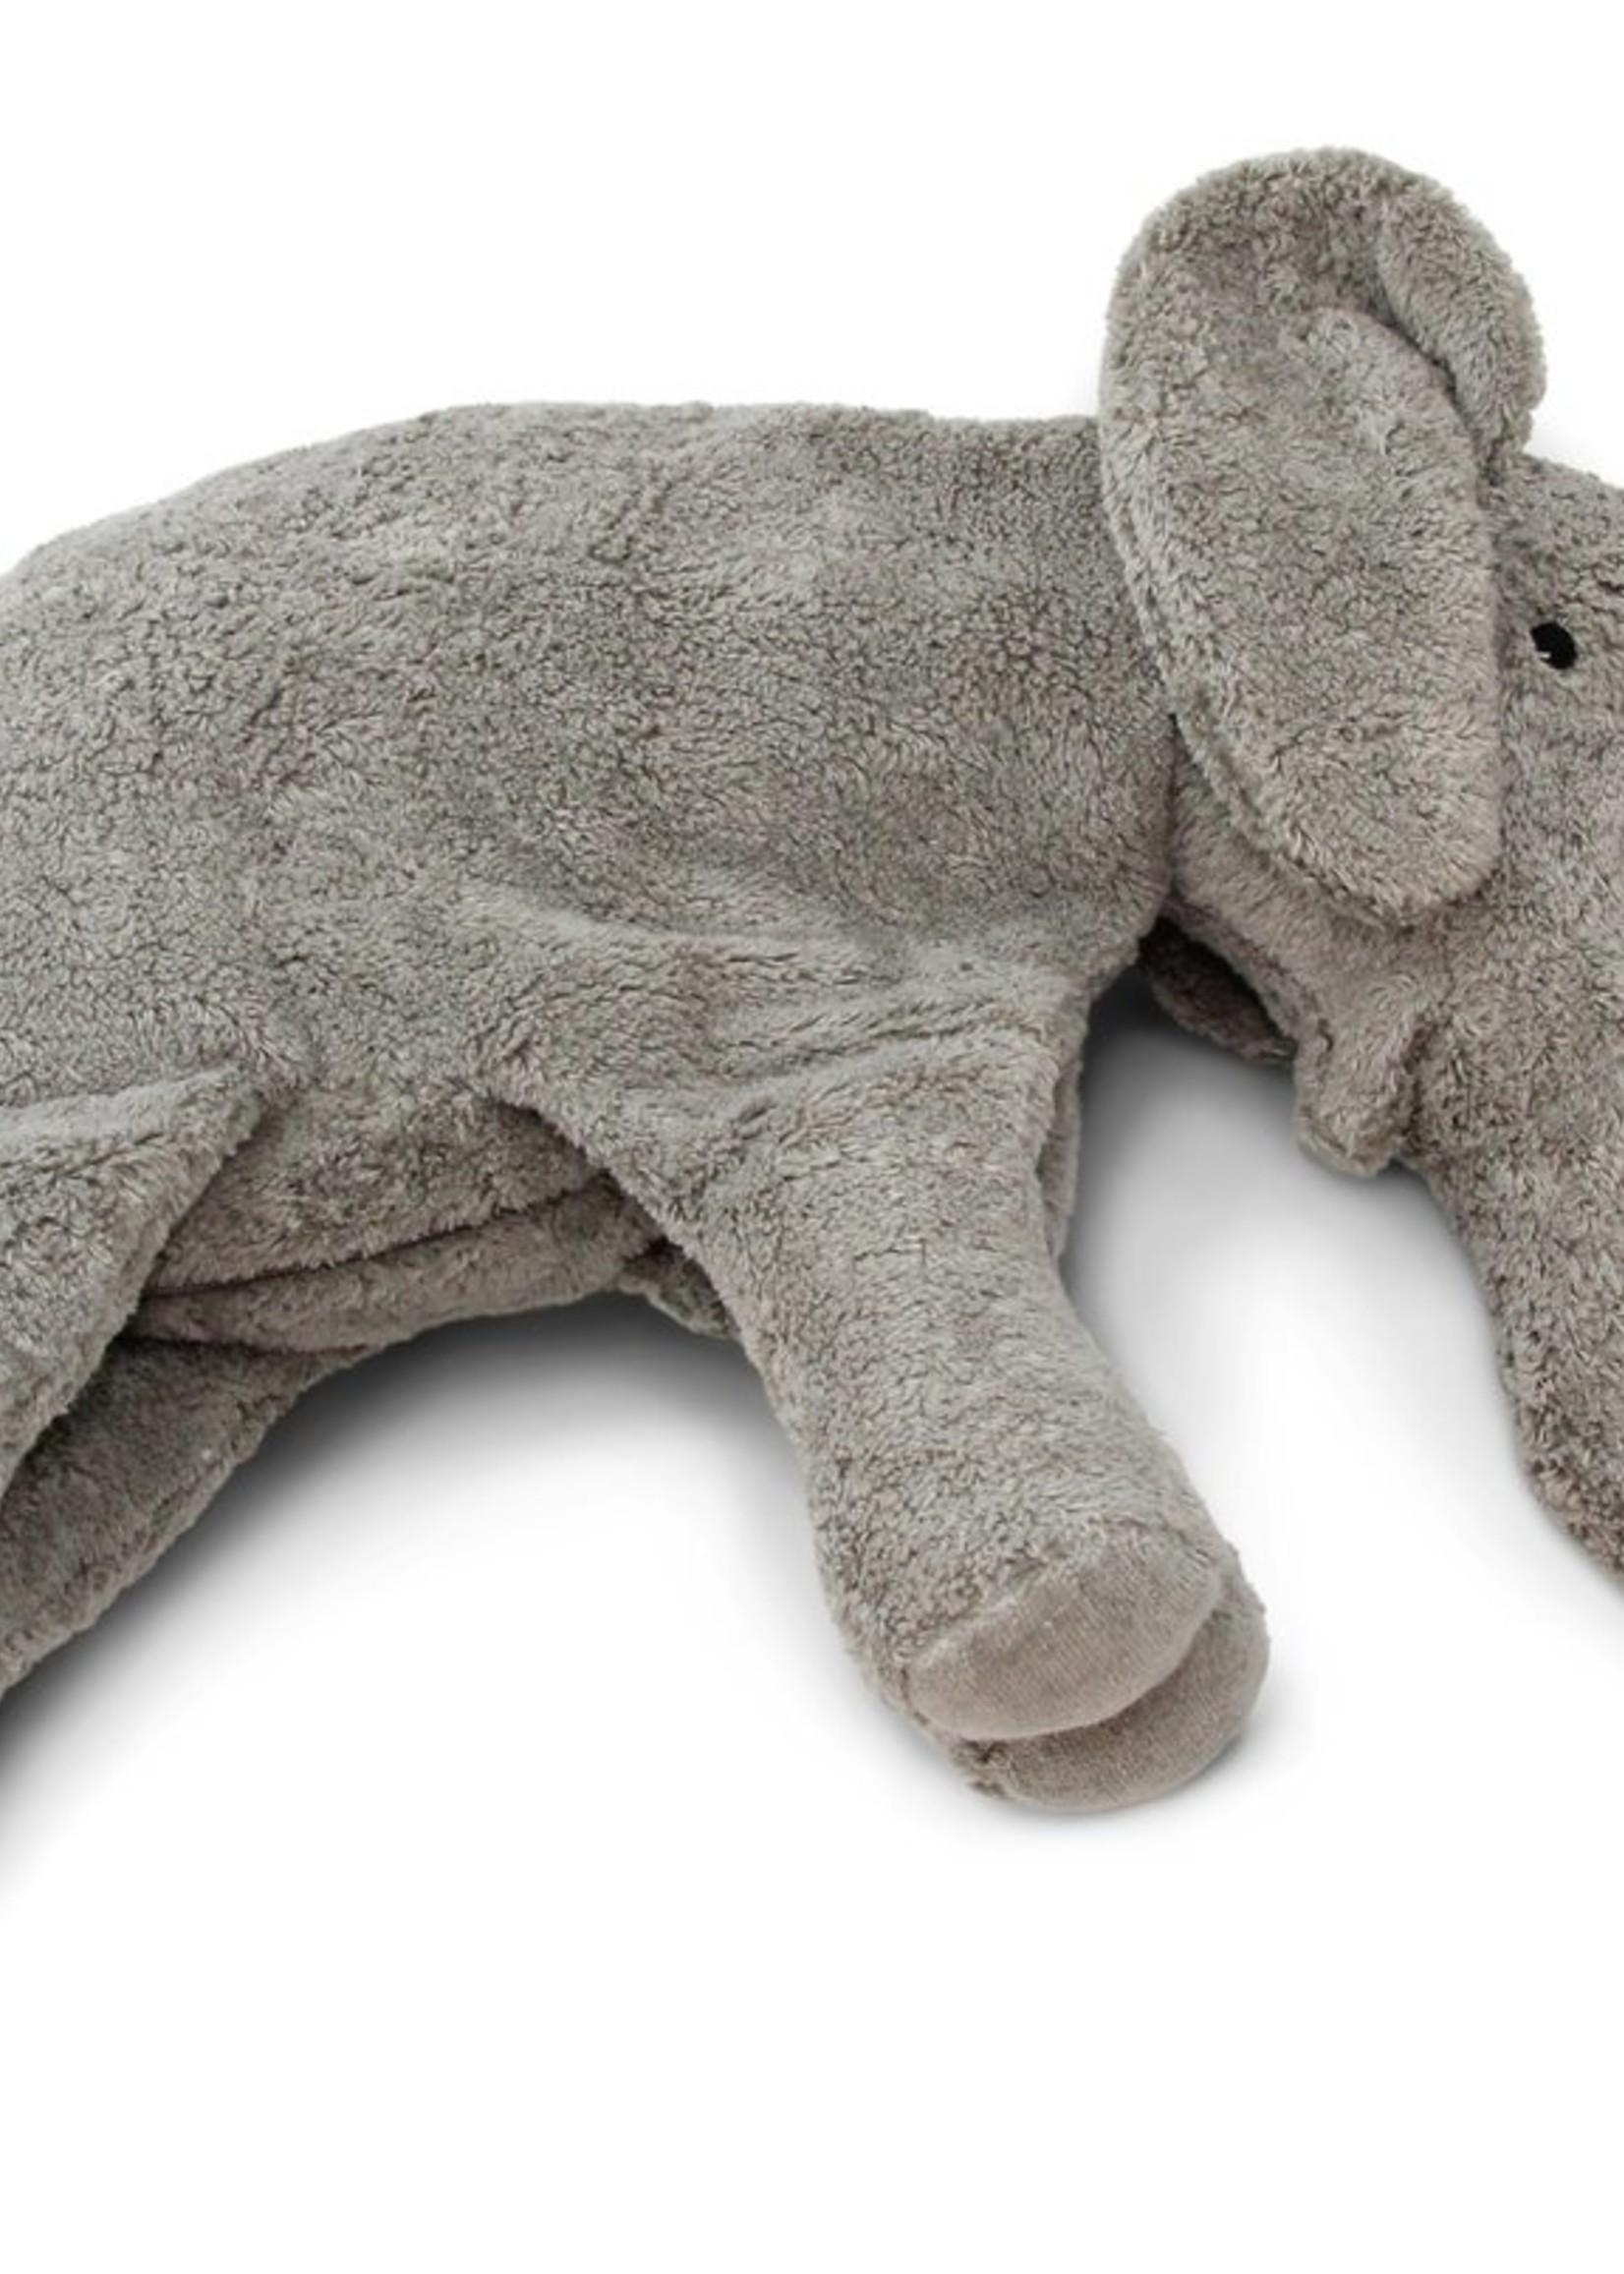 Senger Naturwelt Organic Cuddly Elephant - Large